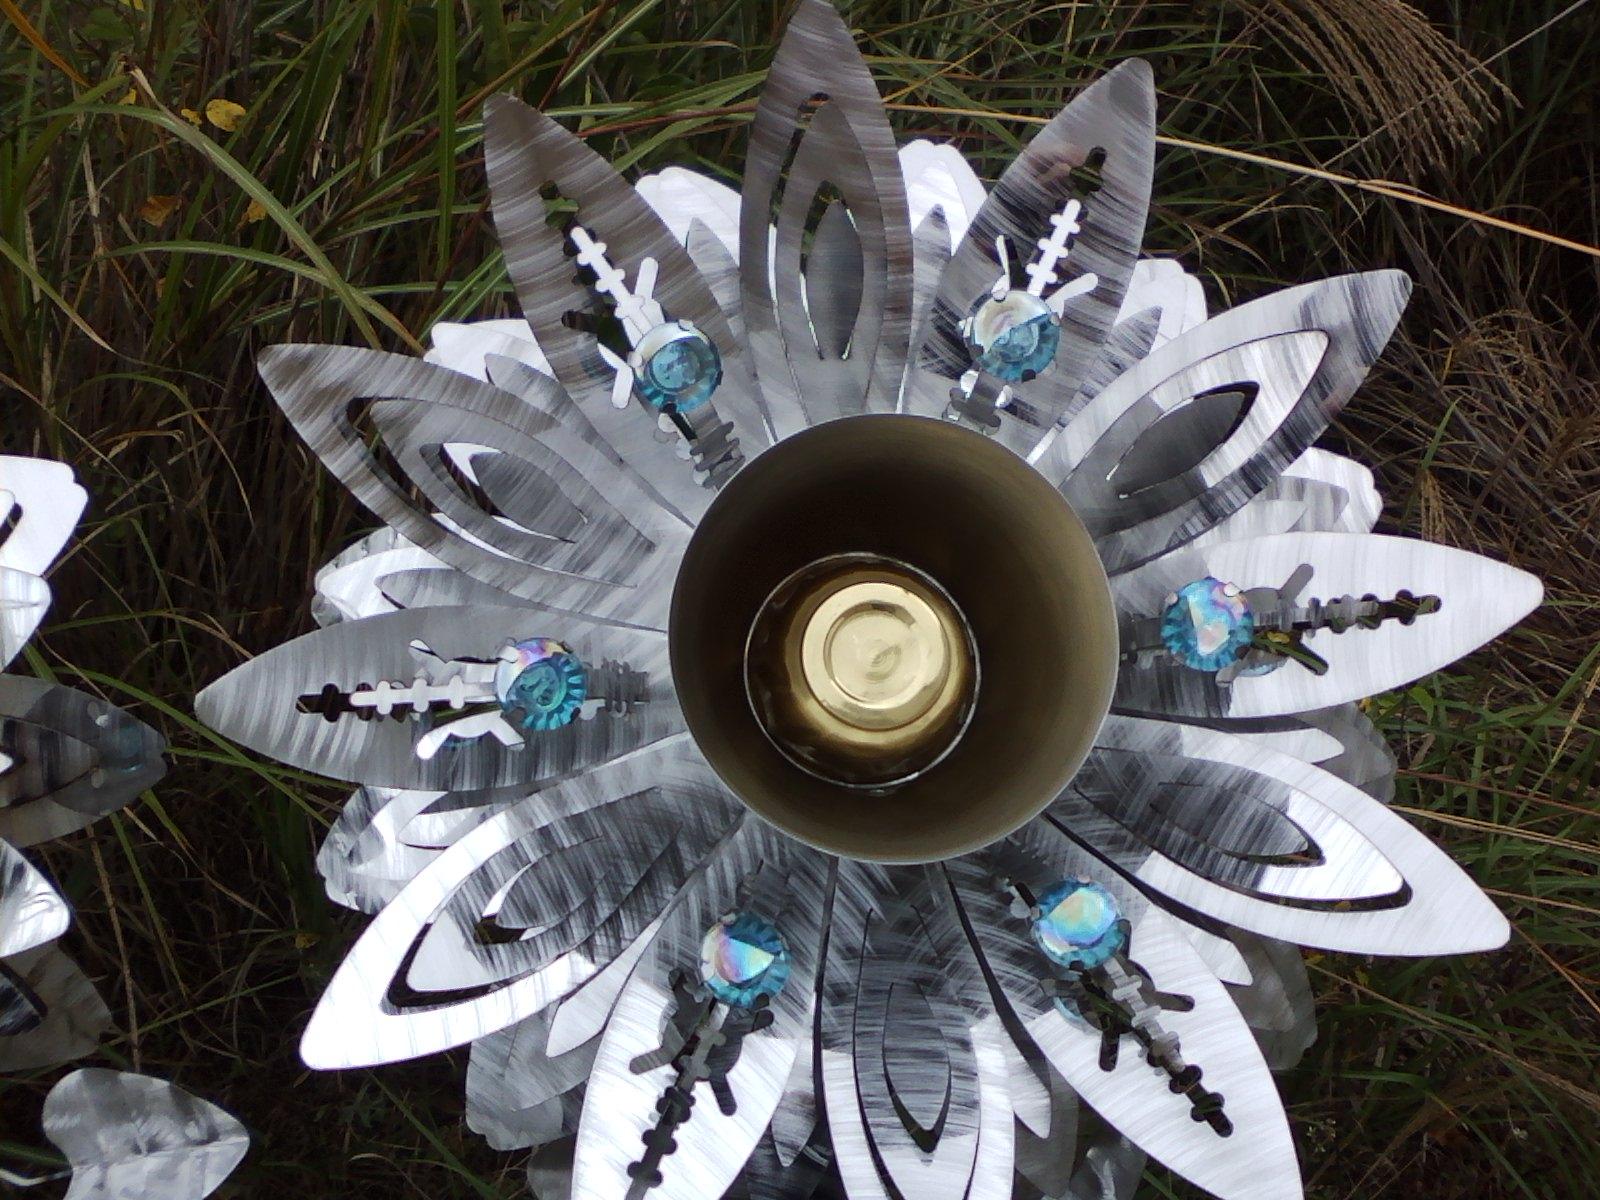 Los nuevos libros del jardín del noroeste funcionan del arte de la yarda a las flores orgánicas | El Seattle Times